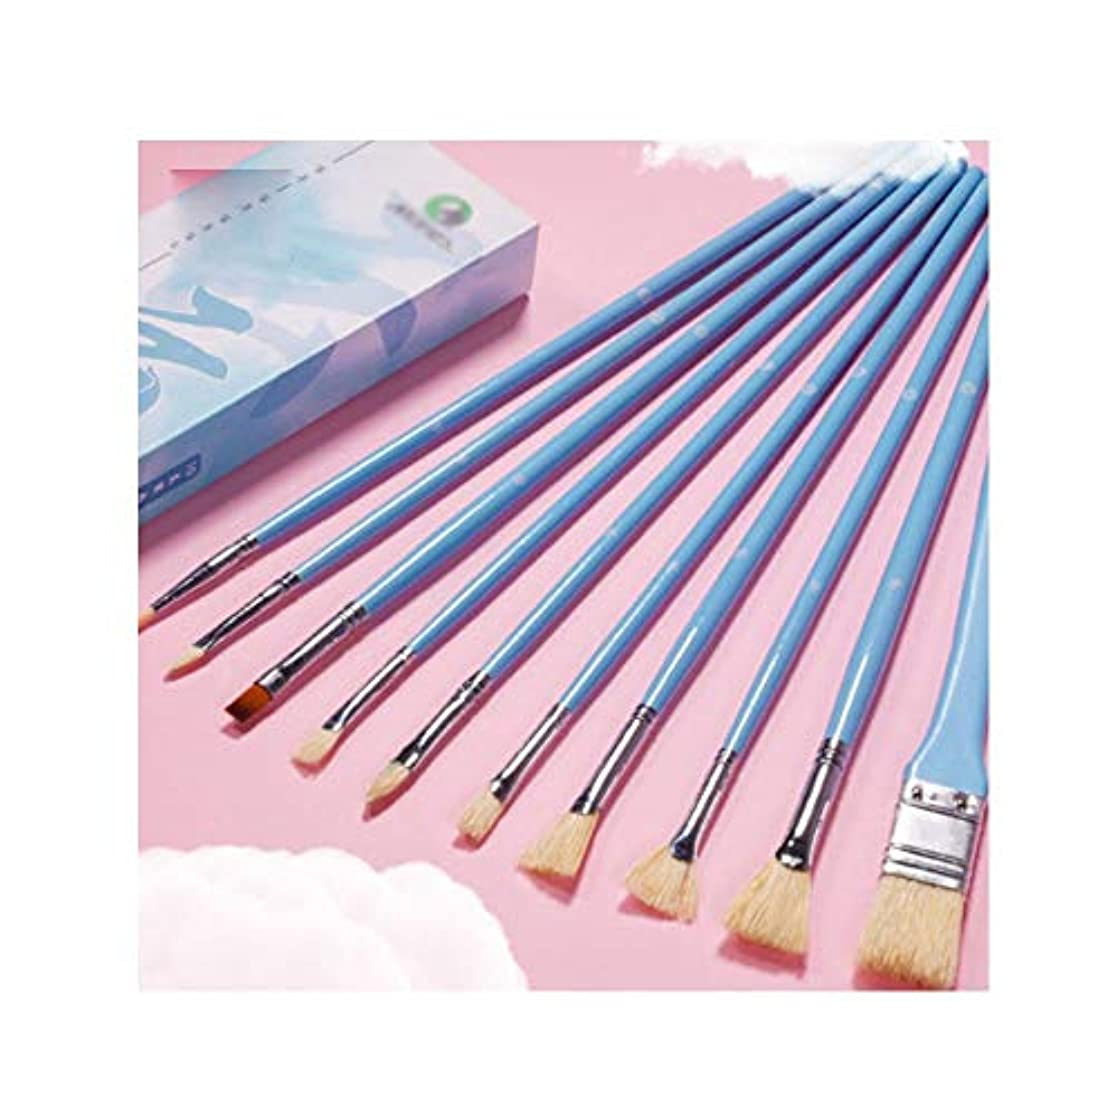 舗装見つける貧困Kaiyitong001 ペイントブラシ、10パックの水シリーズ/水彩/油絵の特別なブラシセット、安定した格納式ファインポリッシングペイントアートスペシャル(10、スタイル1 /スタイル2) 豊かな線を描く (Color : Style 2, Size : 10 pieces)